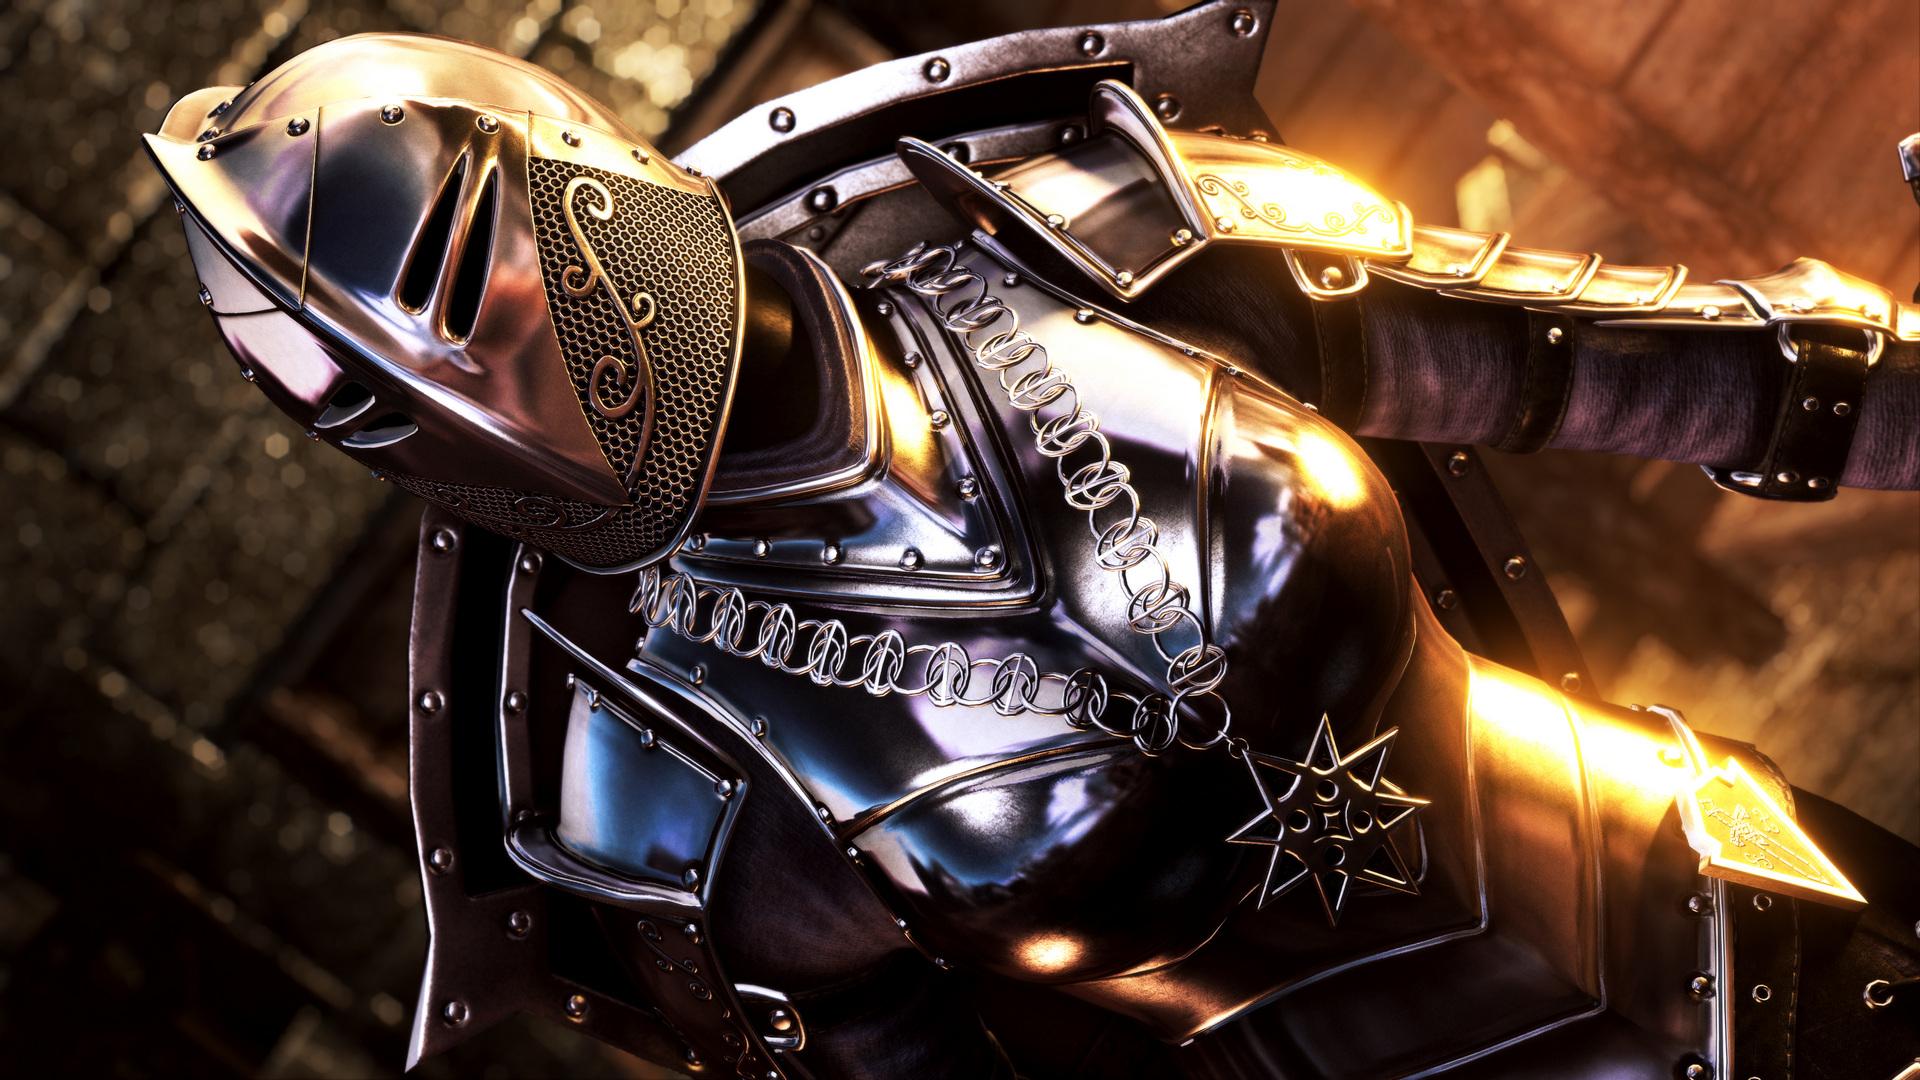 Скачать Доспехи тёмного рыцаря от DeserterX (SE) / DX Dark Knight Armor